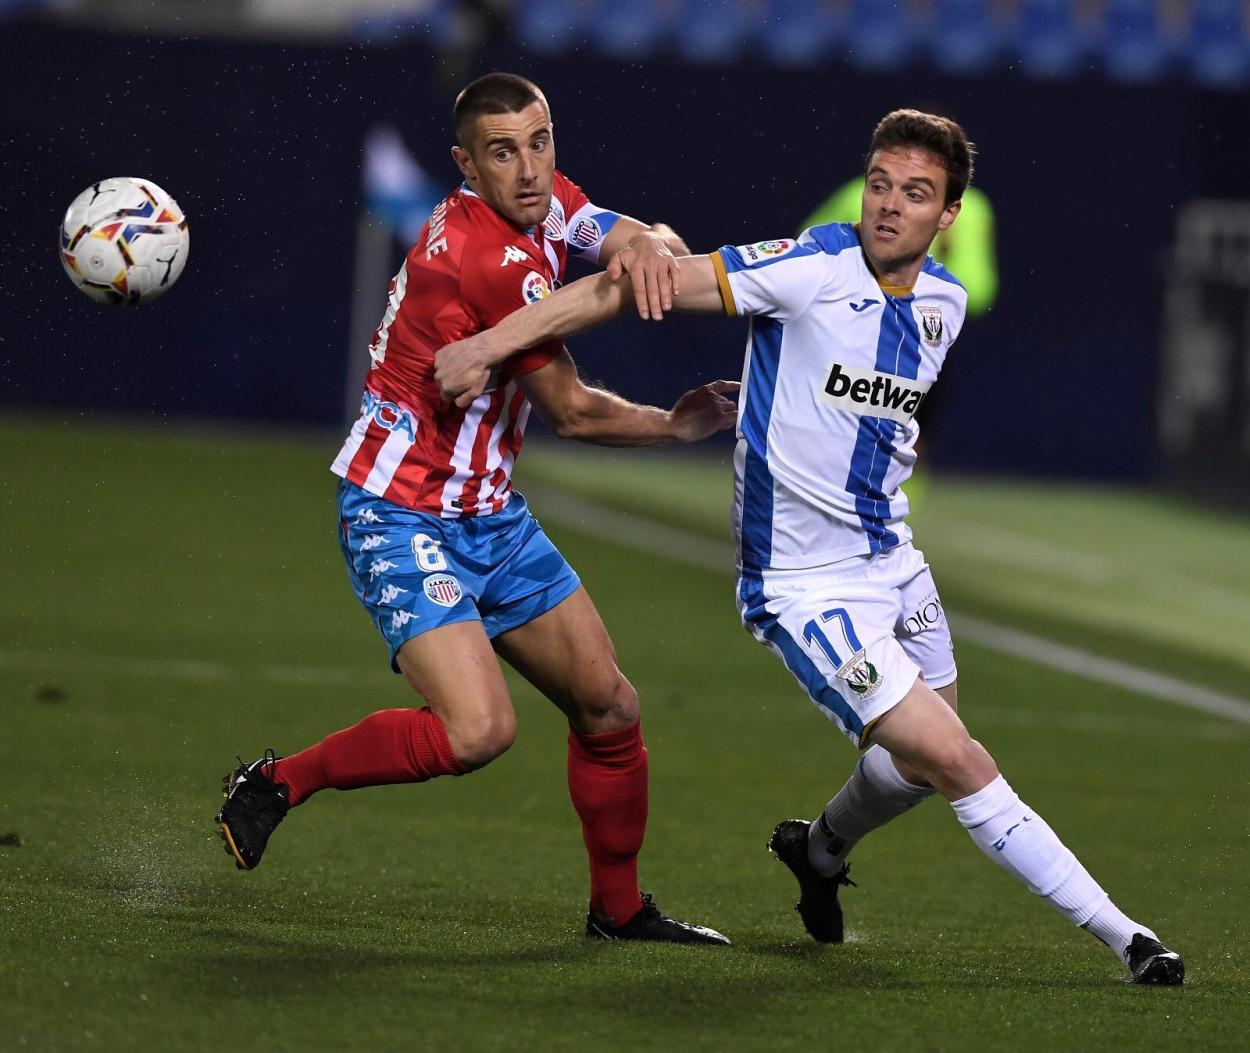 Eraso peleando por el balón con un jugador del Lugo | Foto: CD Leganés